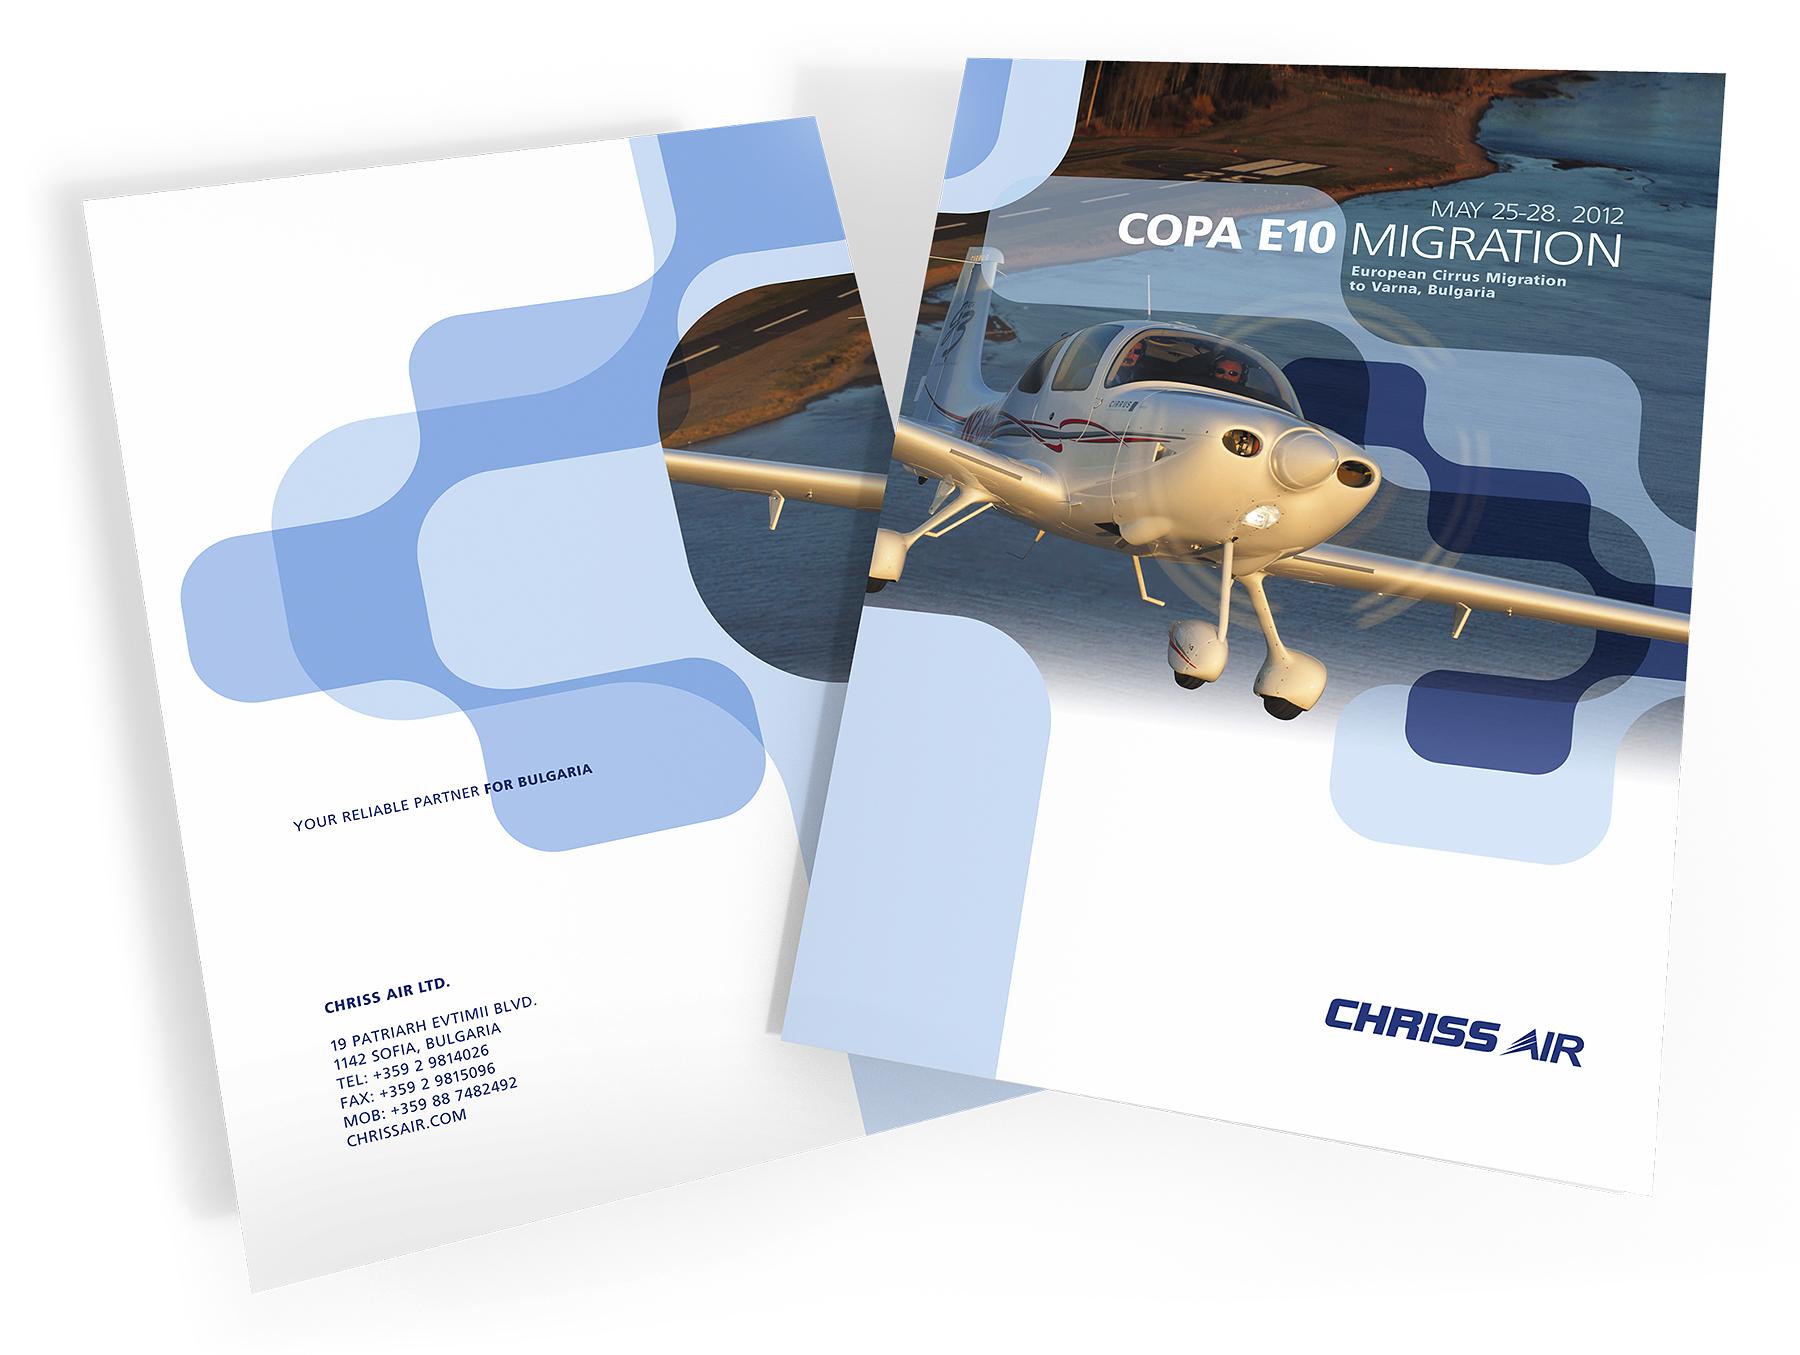 Copa E10 Migration. Рекламни материали.